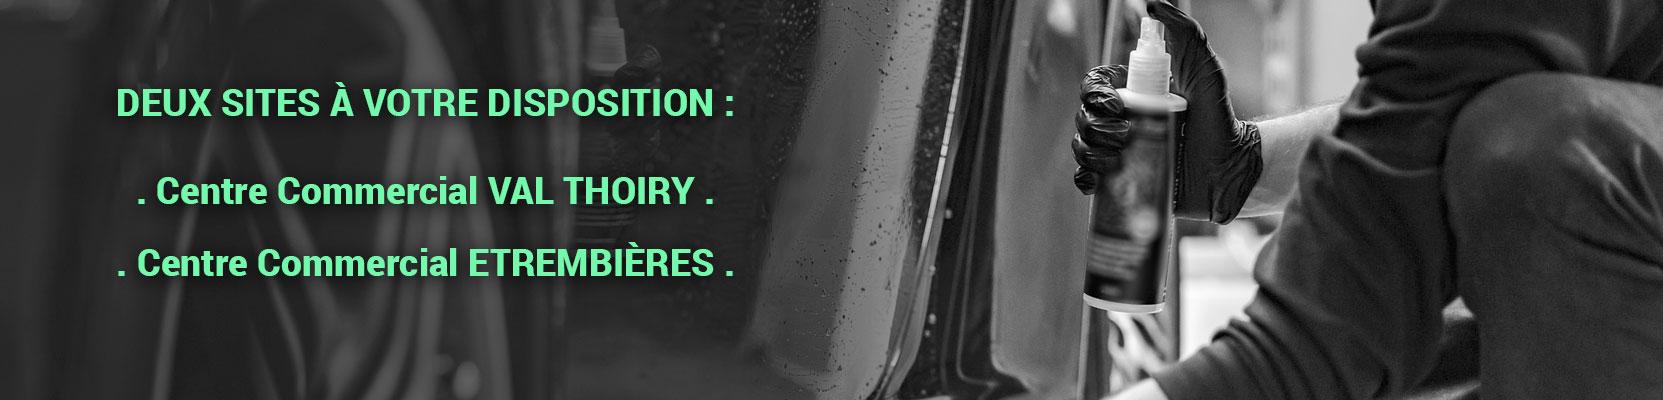 Blue earth nettoyage bio sans eau de votre voiture - Centre commercial thoiry ...